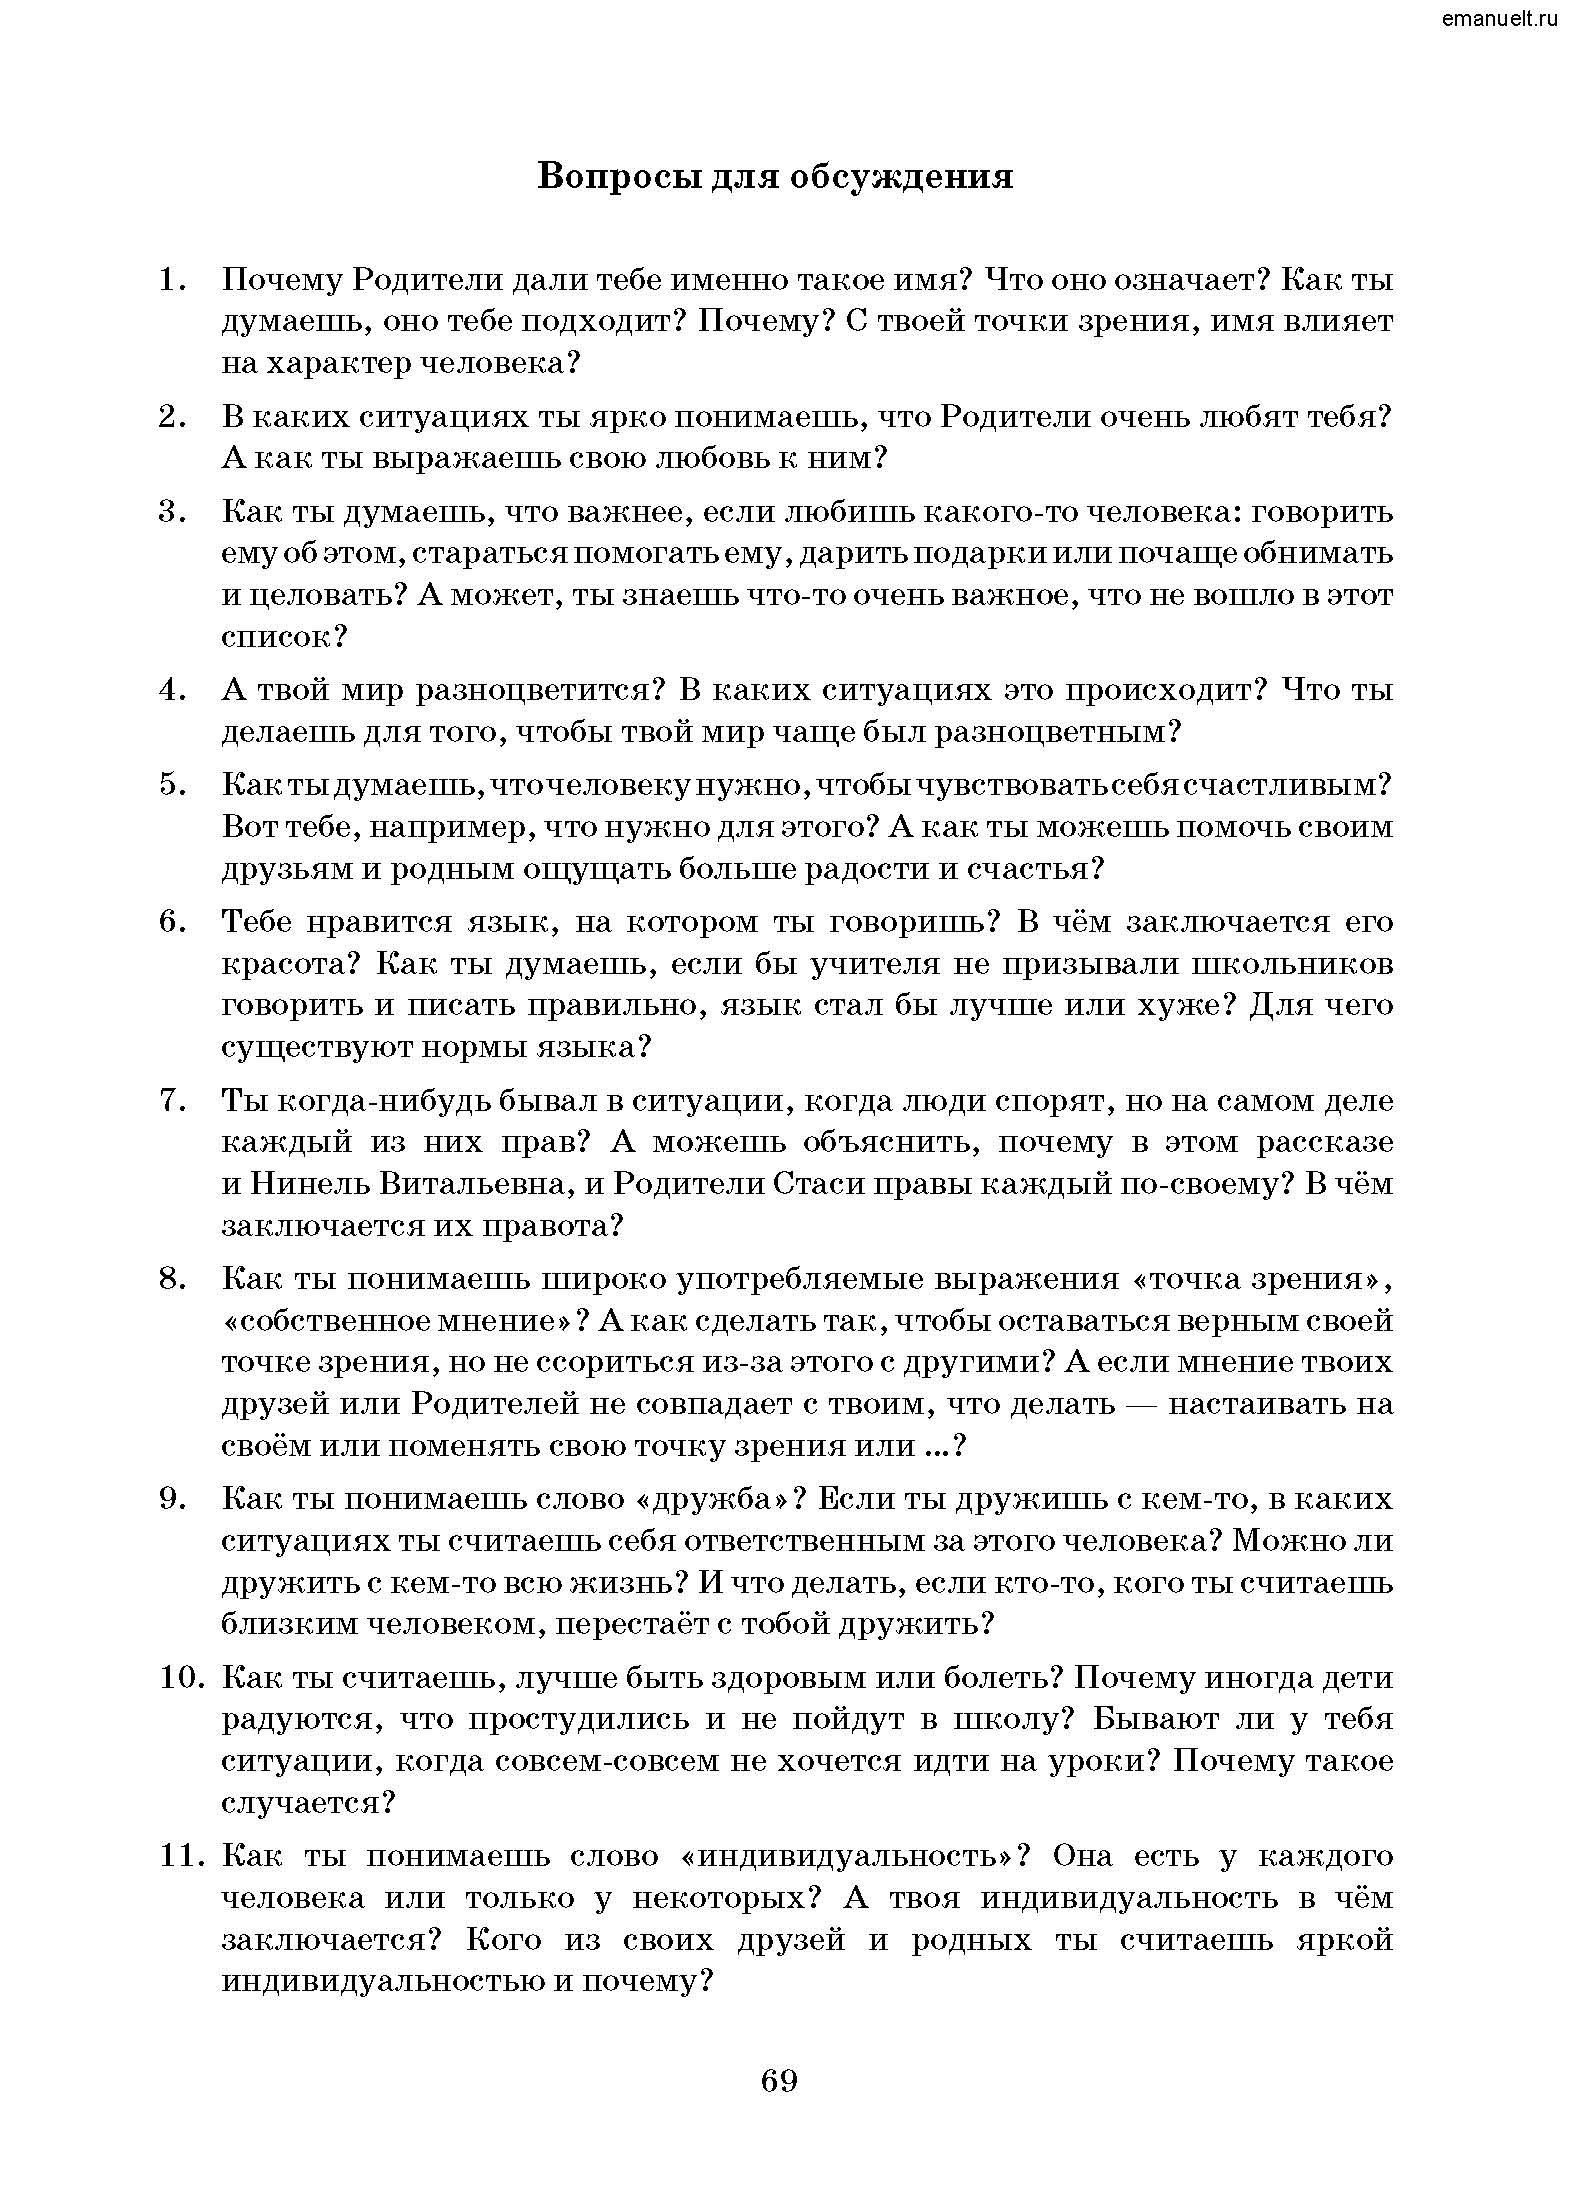 Рассказки в заданиях. emanuelt.ru_Страница_070